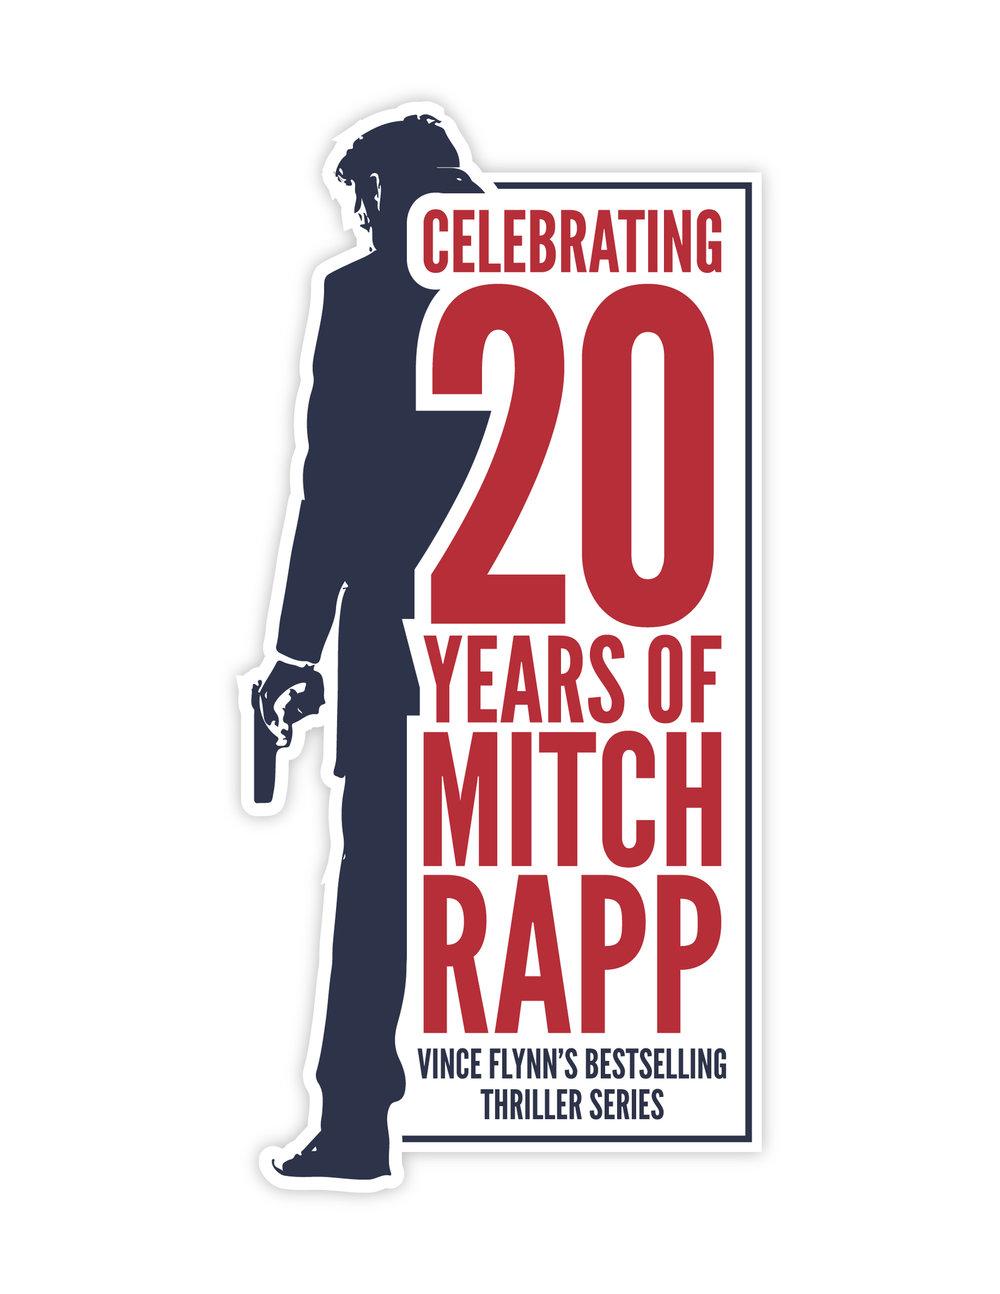 MitchRapp-AnniversaryLogo-V2.jpg